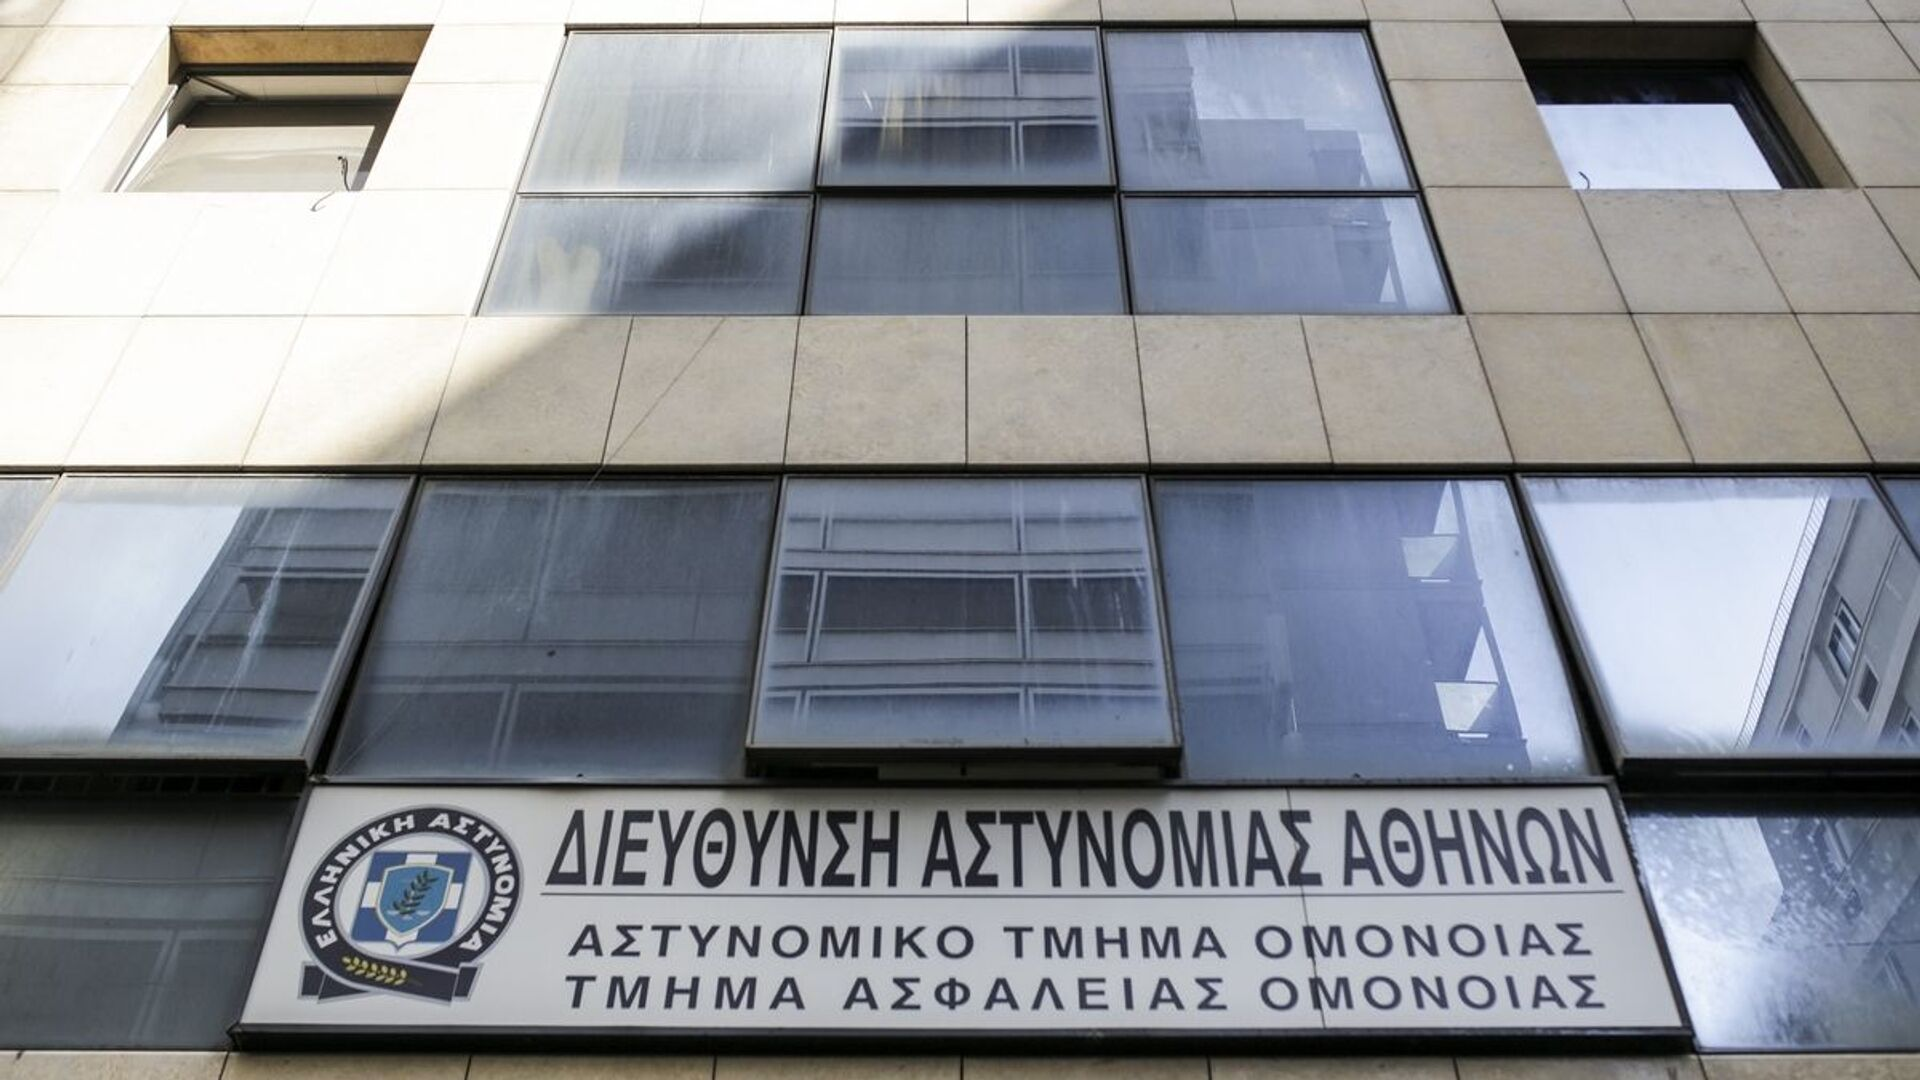 Αστυνομικό Τμήμα Ομονοίας - Sputnik Ελλάδα, 1920, 04.10.2021